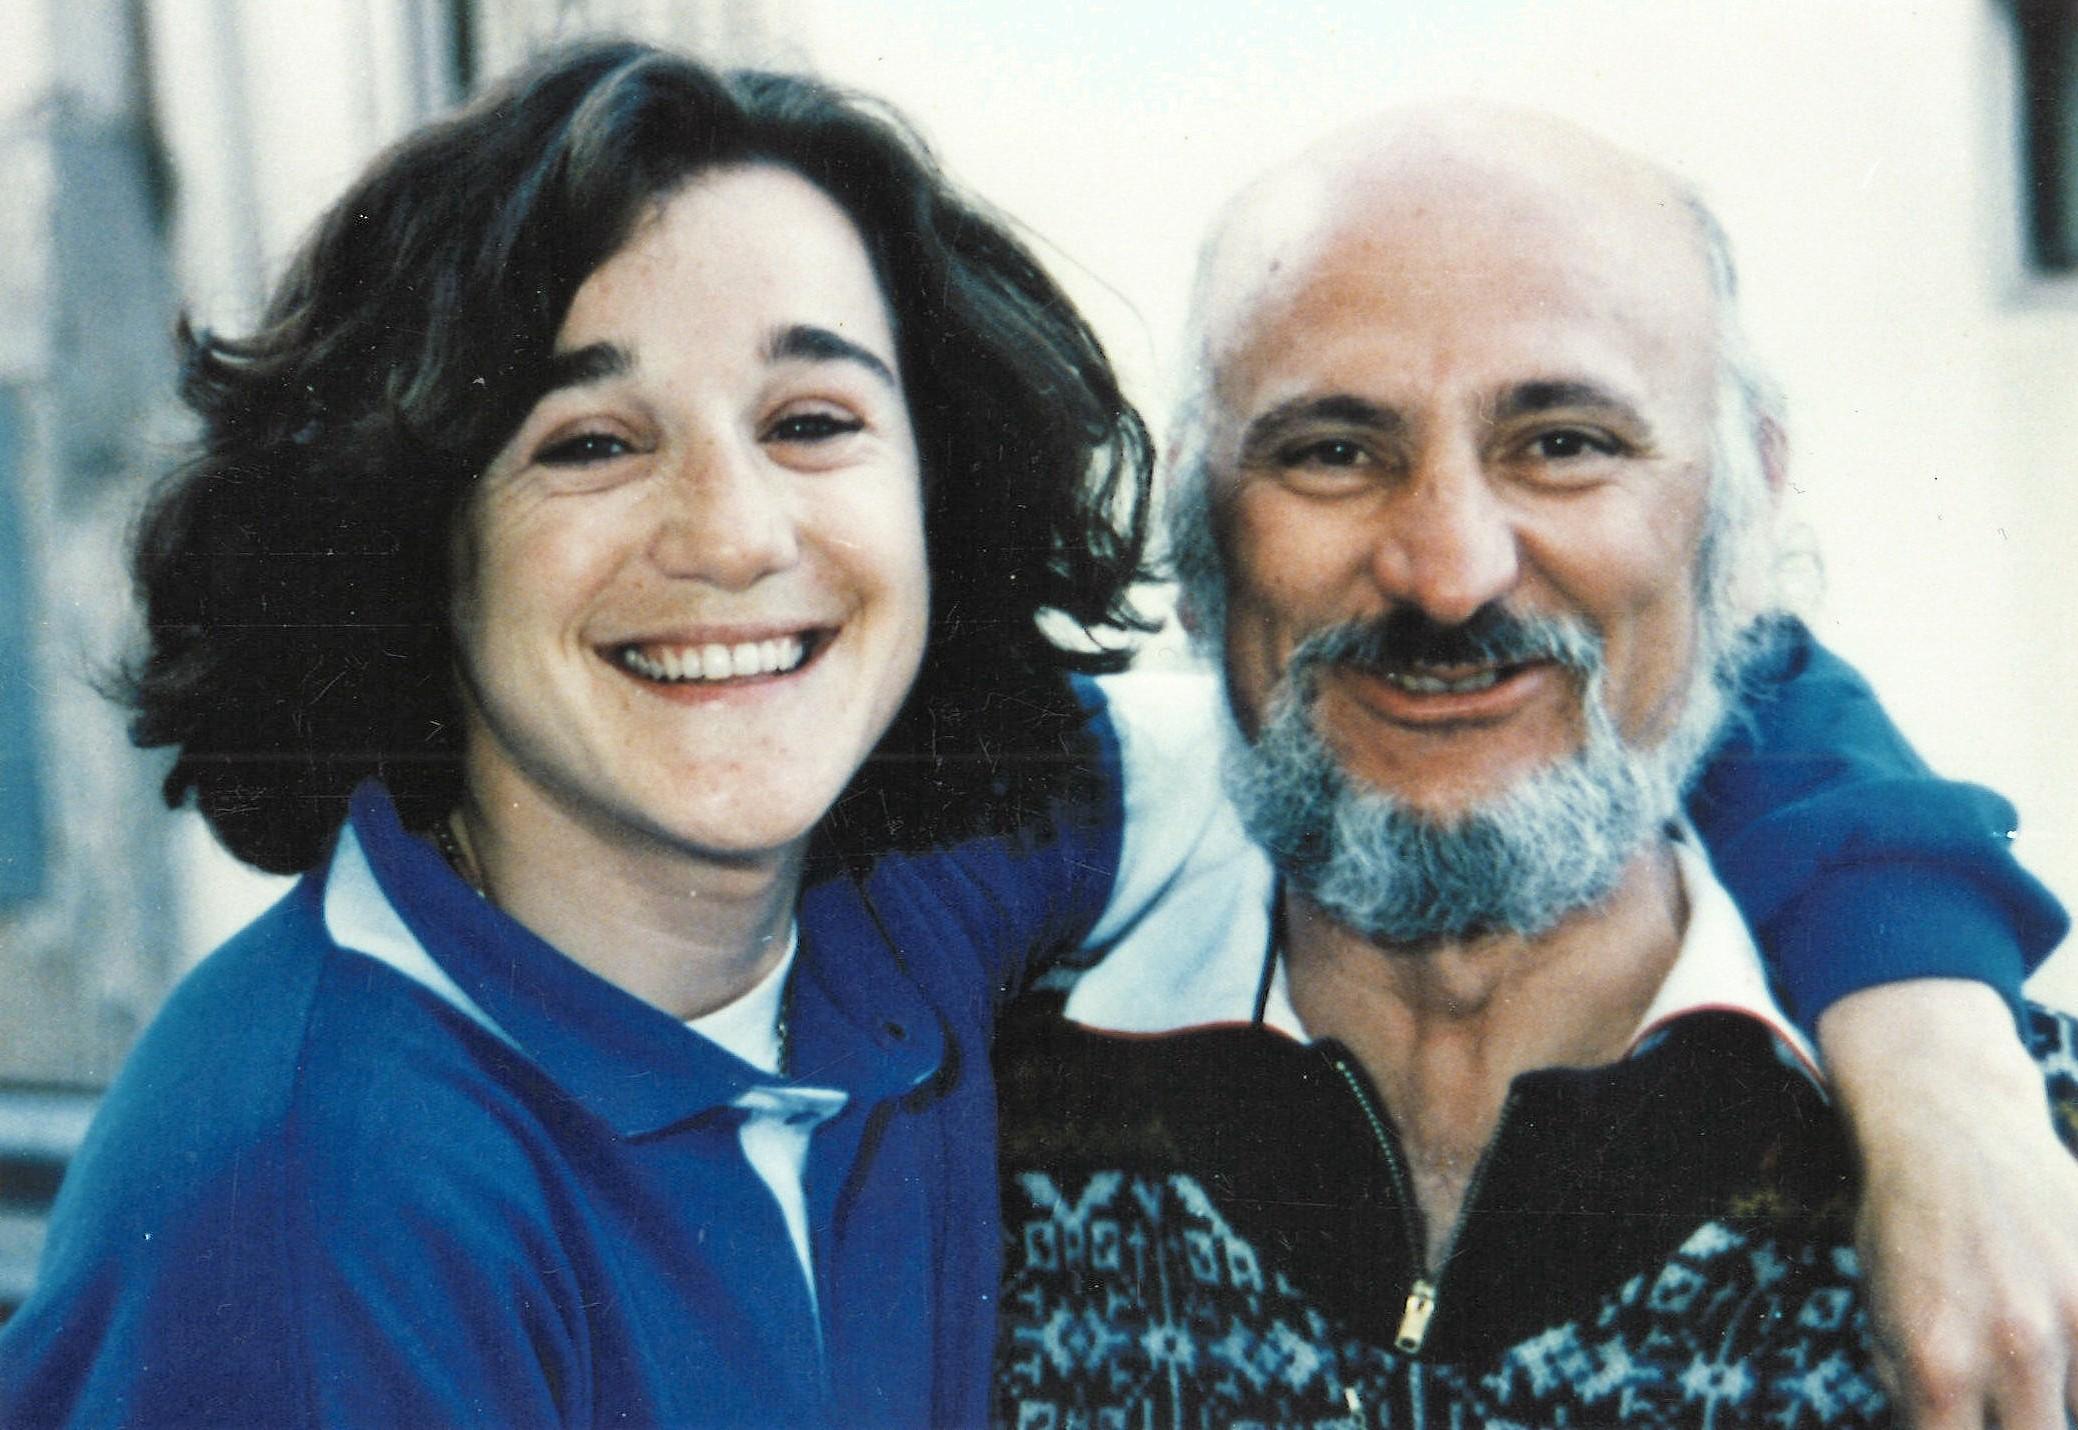 Manolo Hernández y Blanca Fdez. Ochoa